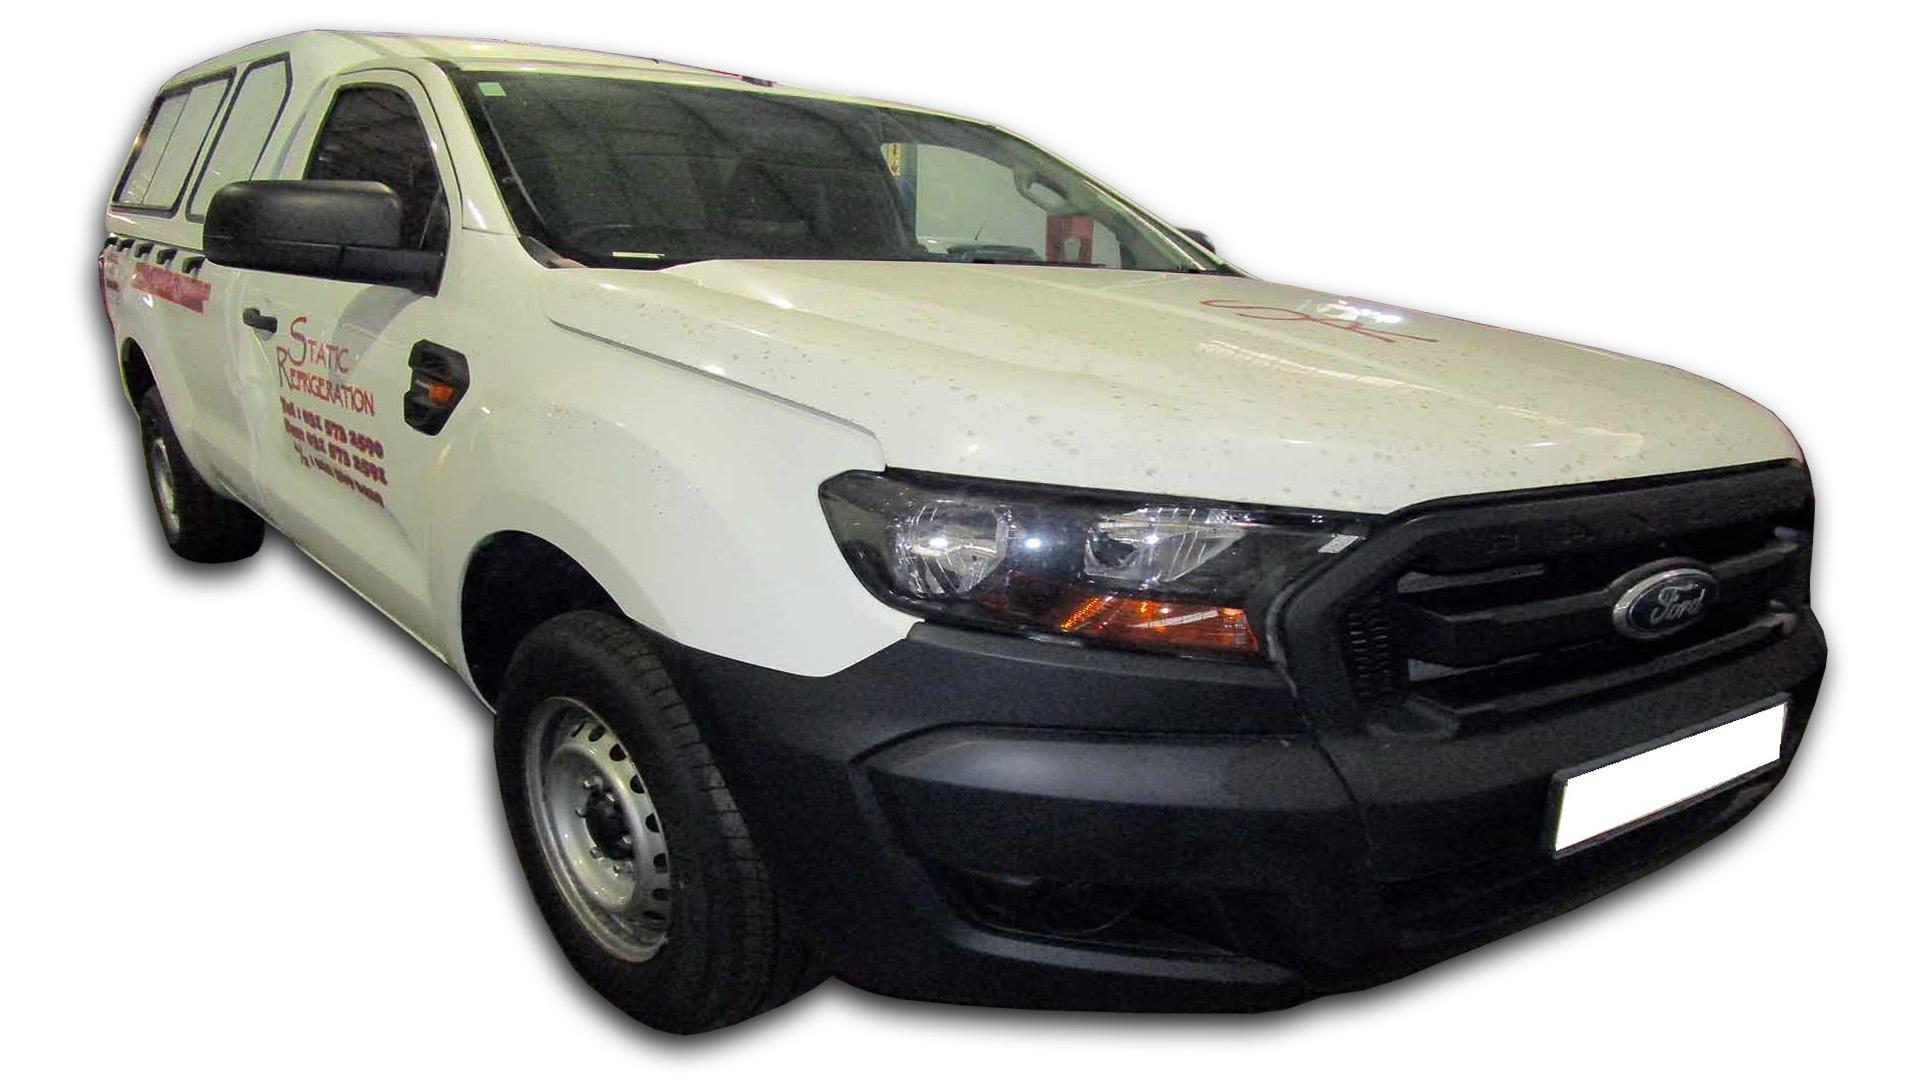 Ford Ranger 2.2 TDI S/C